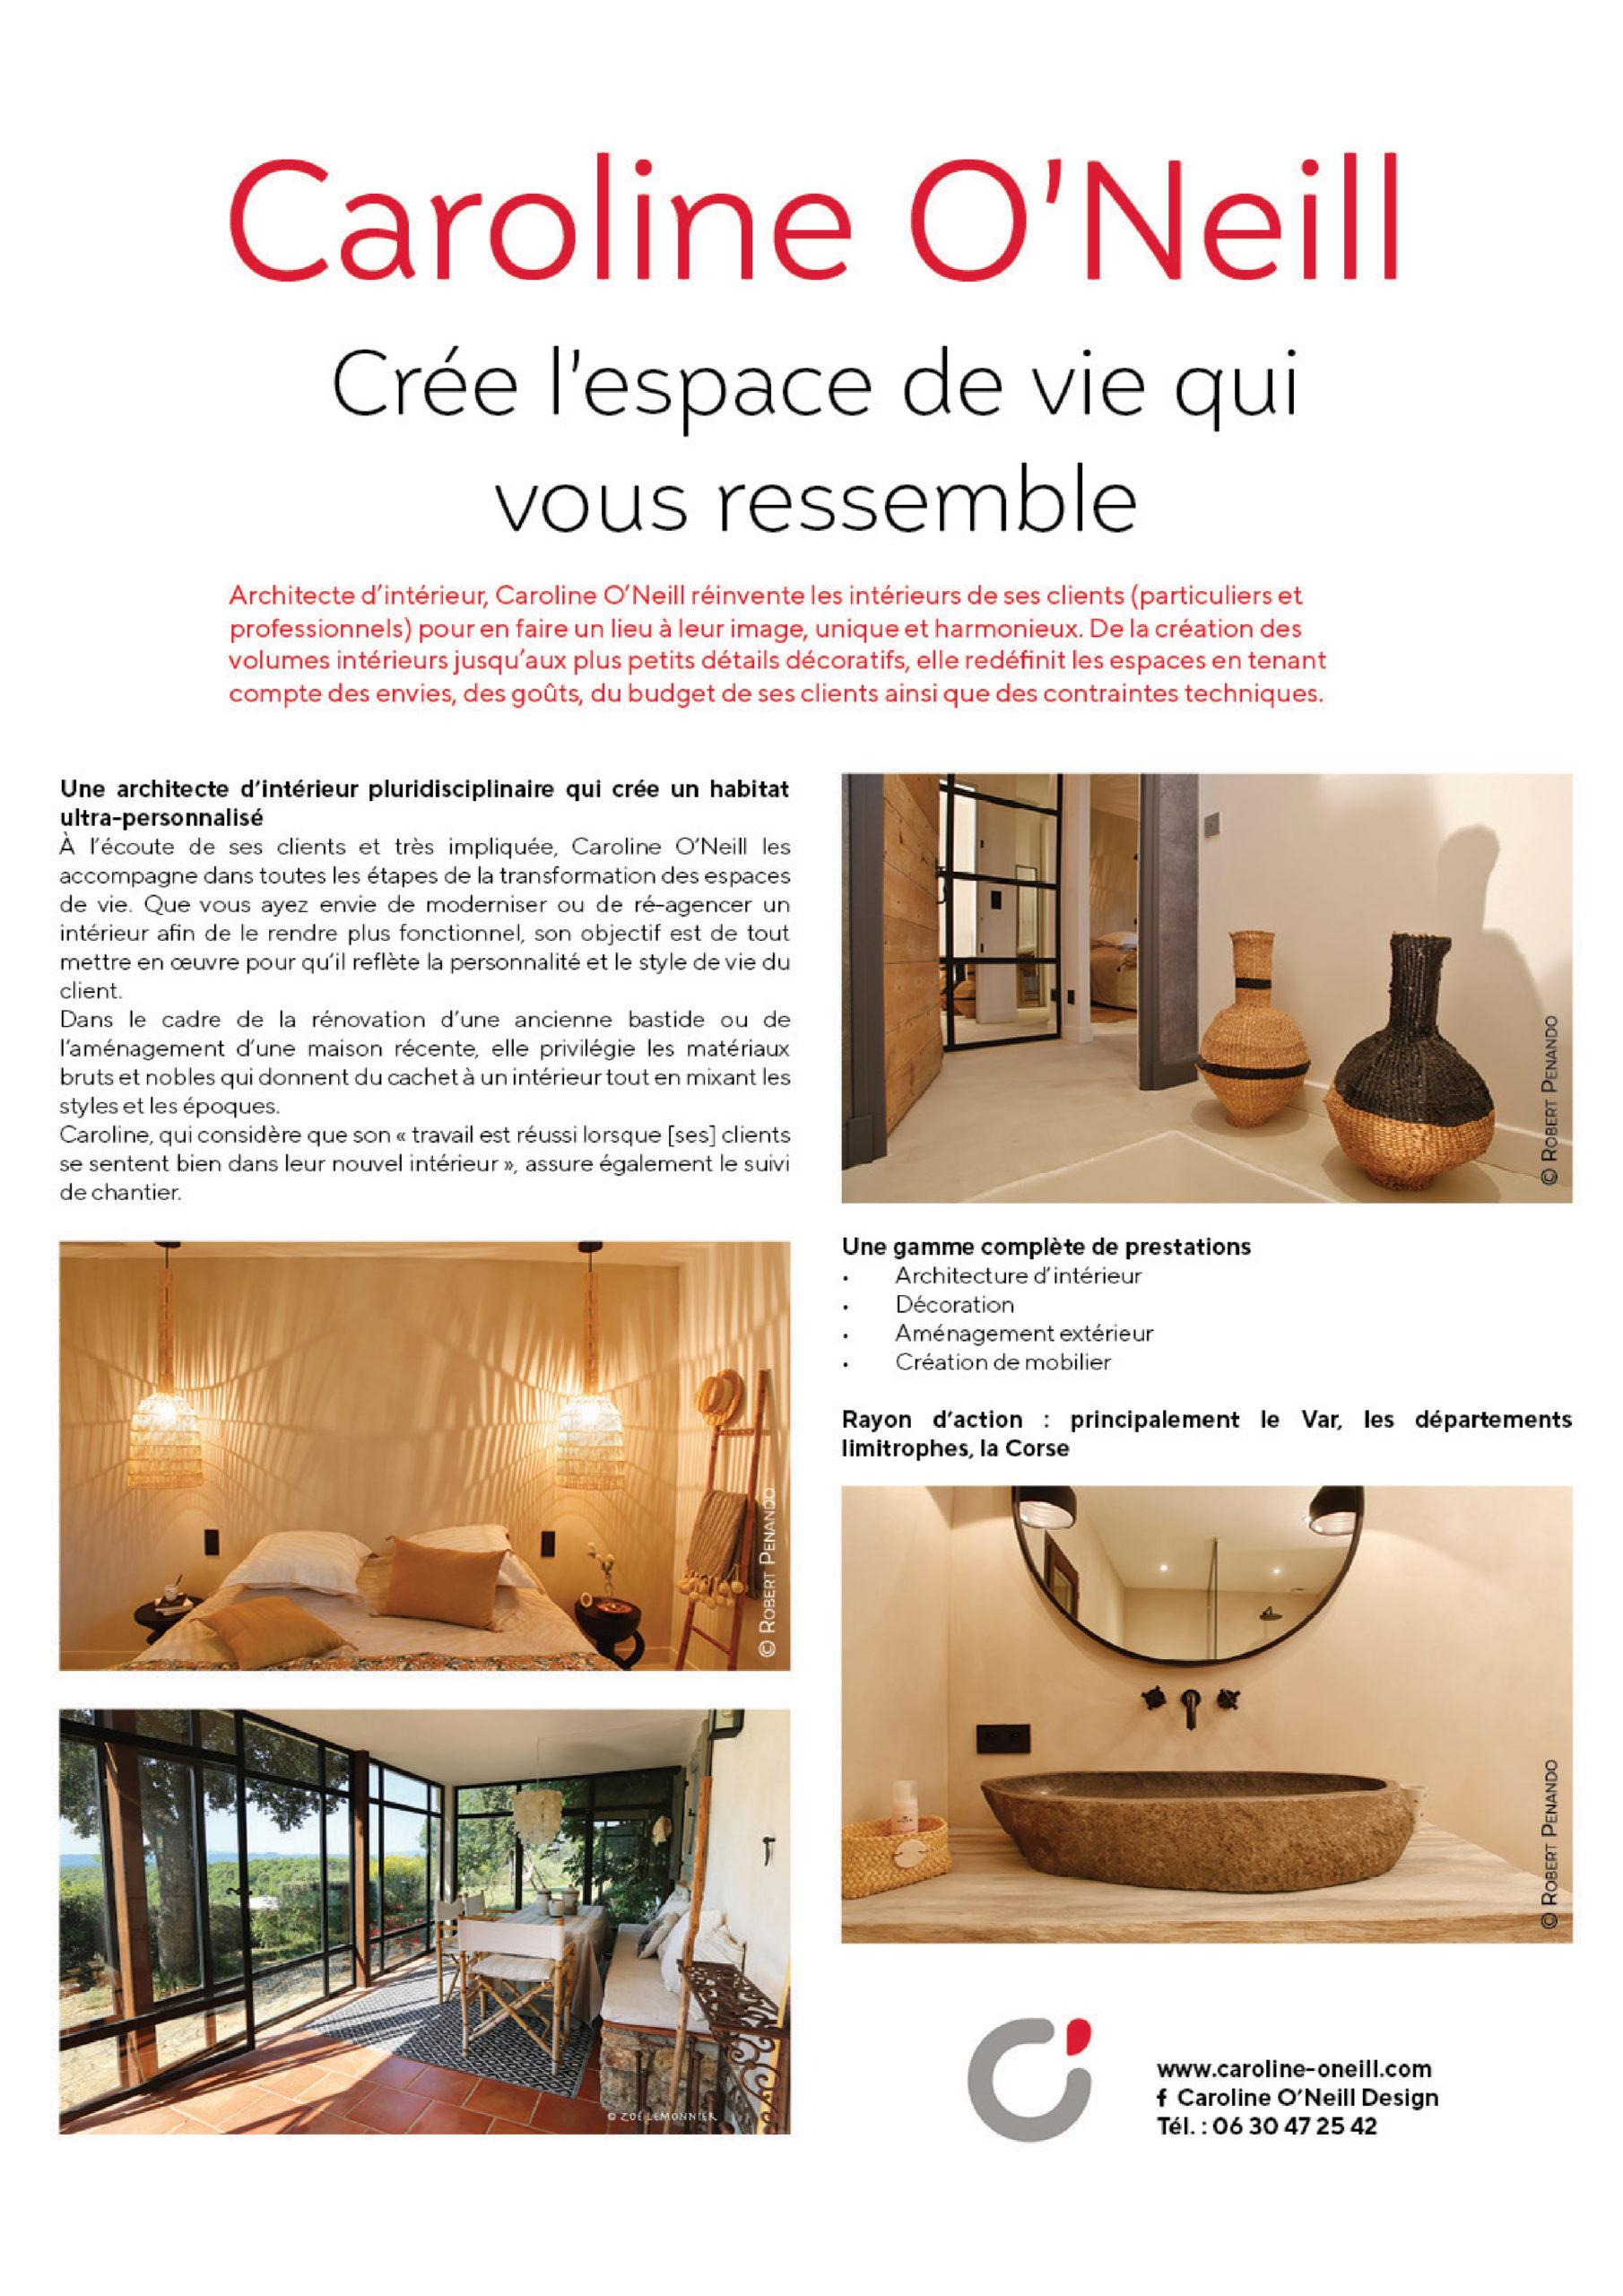 Le magazine spécialisé Maison & Jardin publie en mai un article sur le travail de notre agence